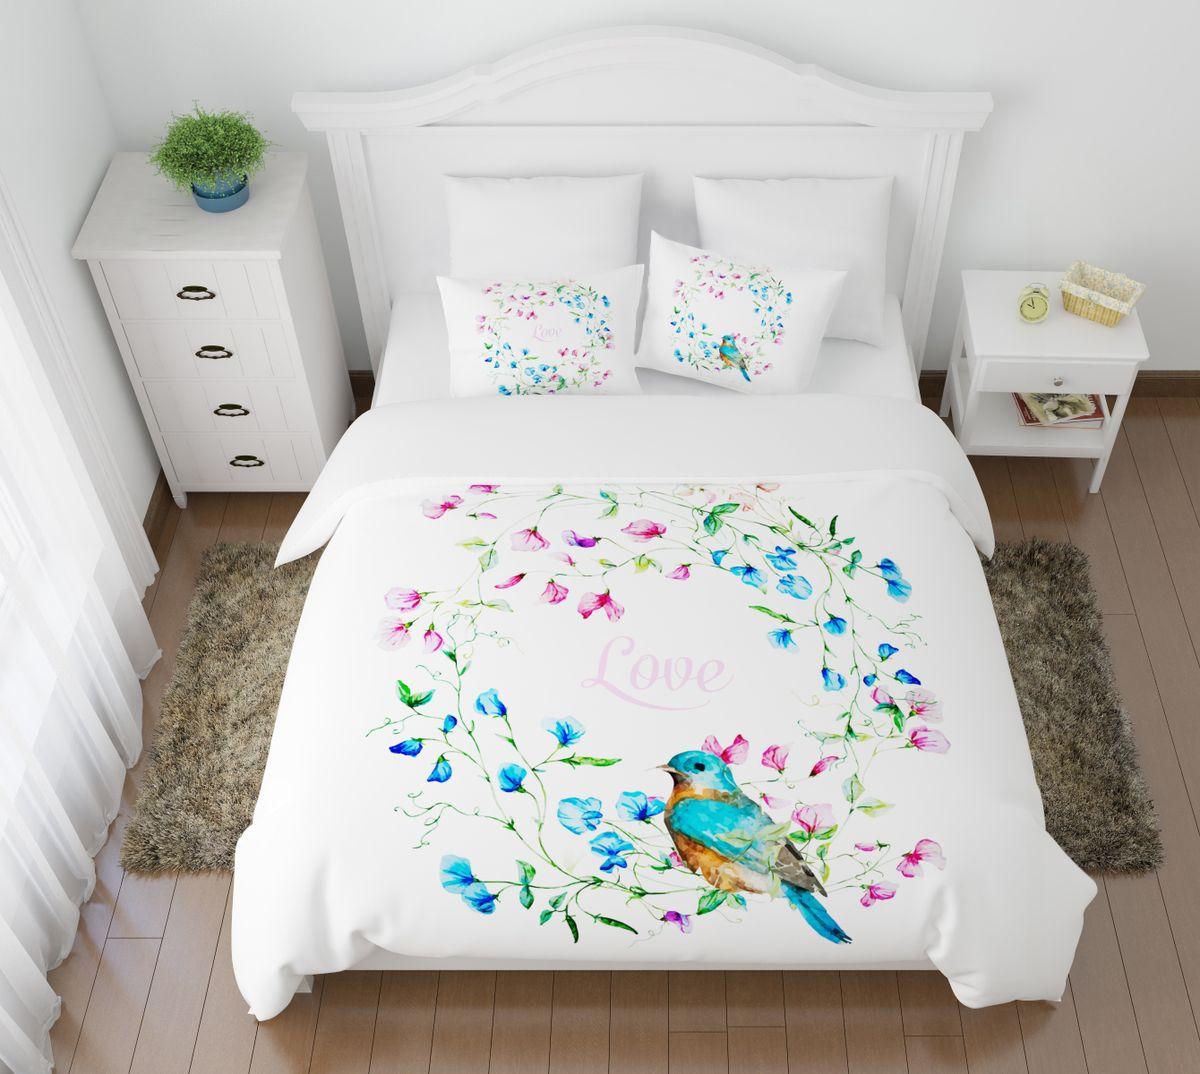 Комплект белья Сирень Аморе, 1,5-спальный, наволочки 50x70391602Комплект постельного белья Сирень состоит из простыни, пододеяльника и 2 наволочек. Комплект выполнен из современных гипоаллергенных материалов. Приятный при прикосновении сатин - гарантия здорового, спокойного сна. Ткань хорошо впитывает влагу, надолго сохраняет яркость красок. Четкий, изящный рисунок в сочетании с насыщенными красками делает комплект постельного белья неповторимой изюминкой любого интерьера. Постельное белье идеально подойдет для подарка.